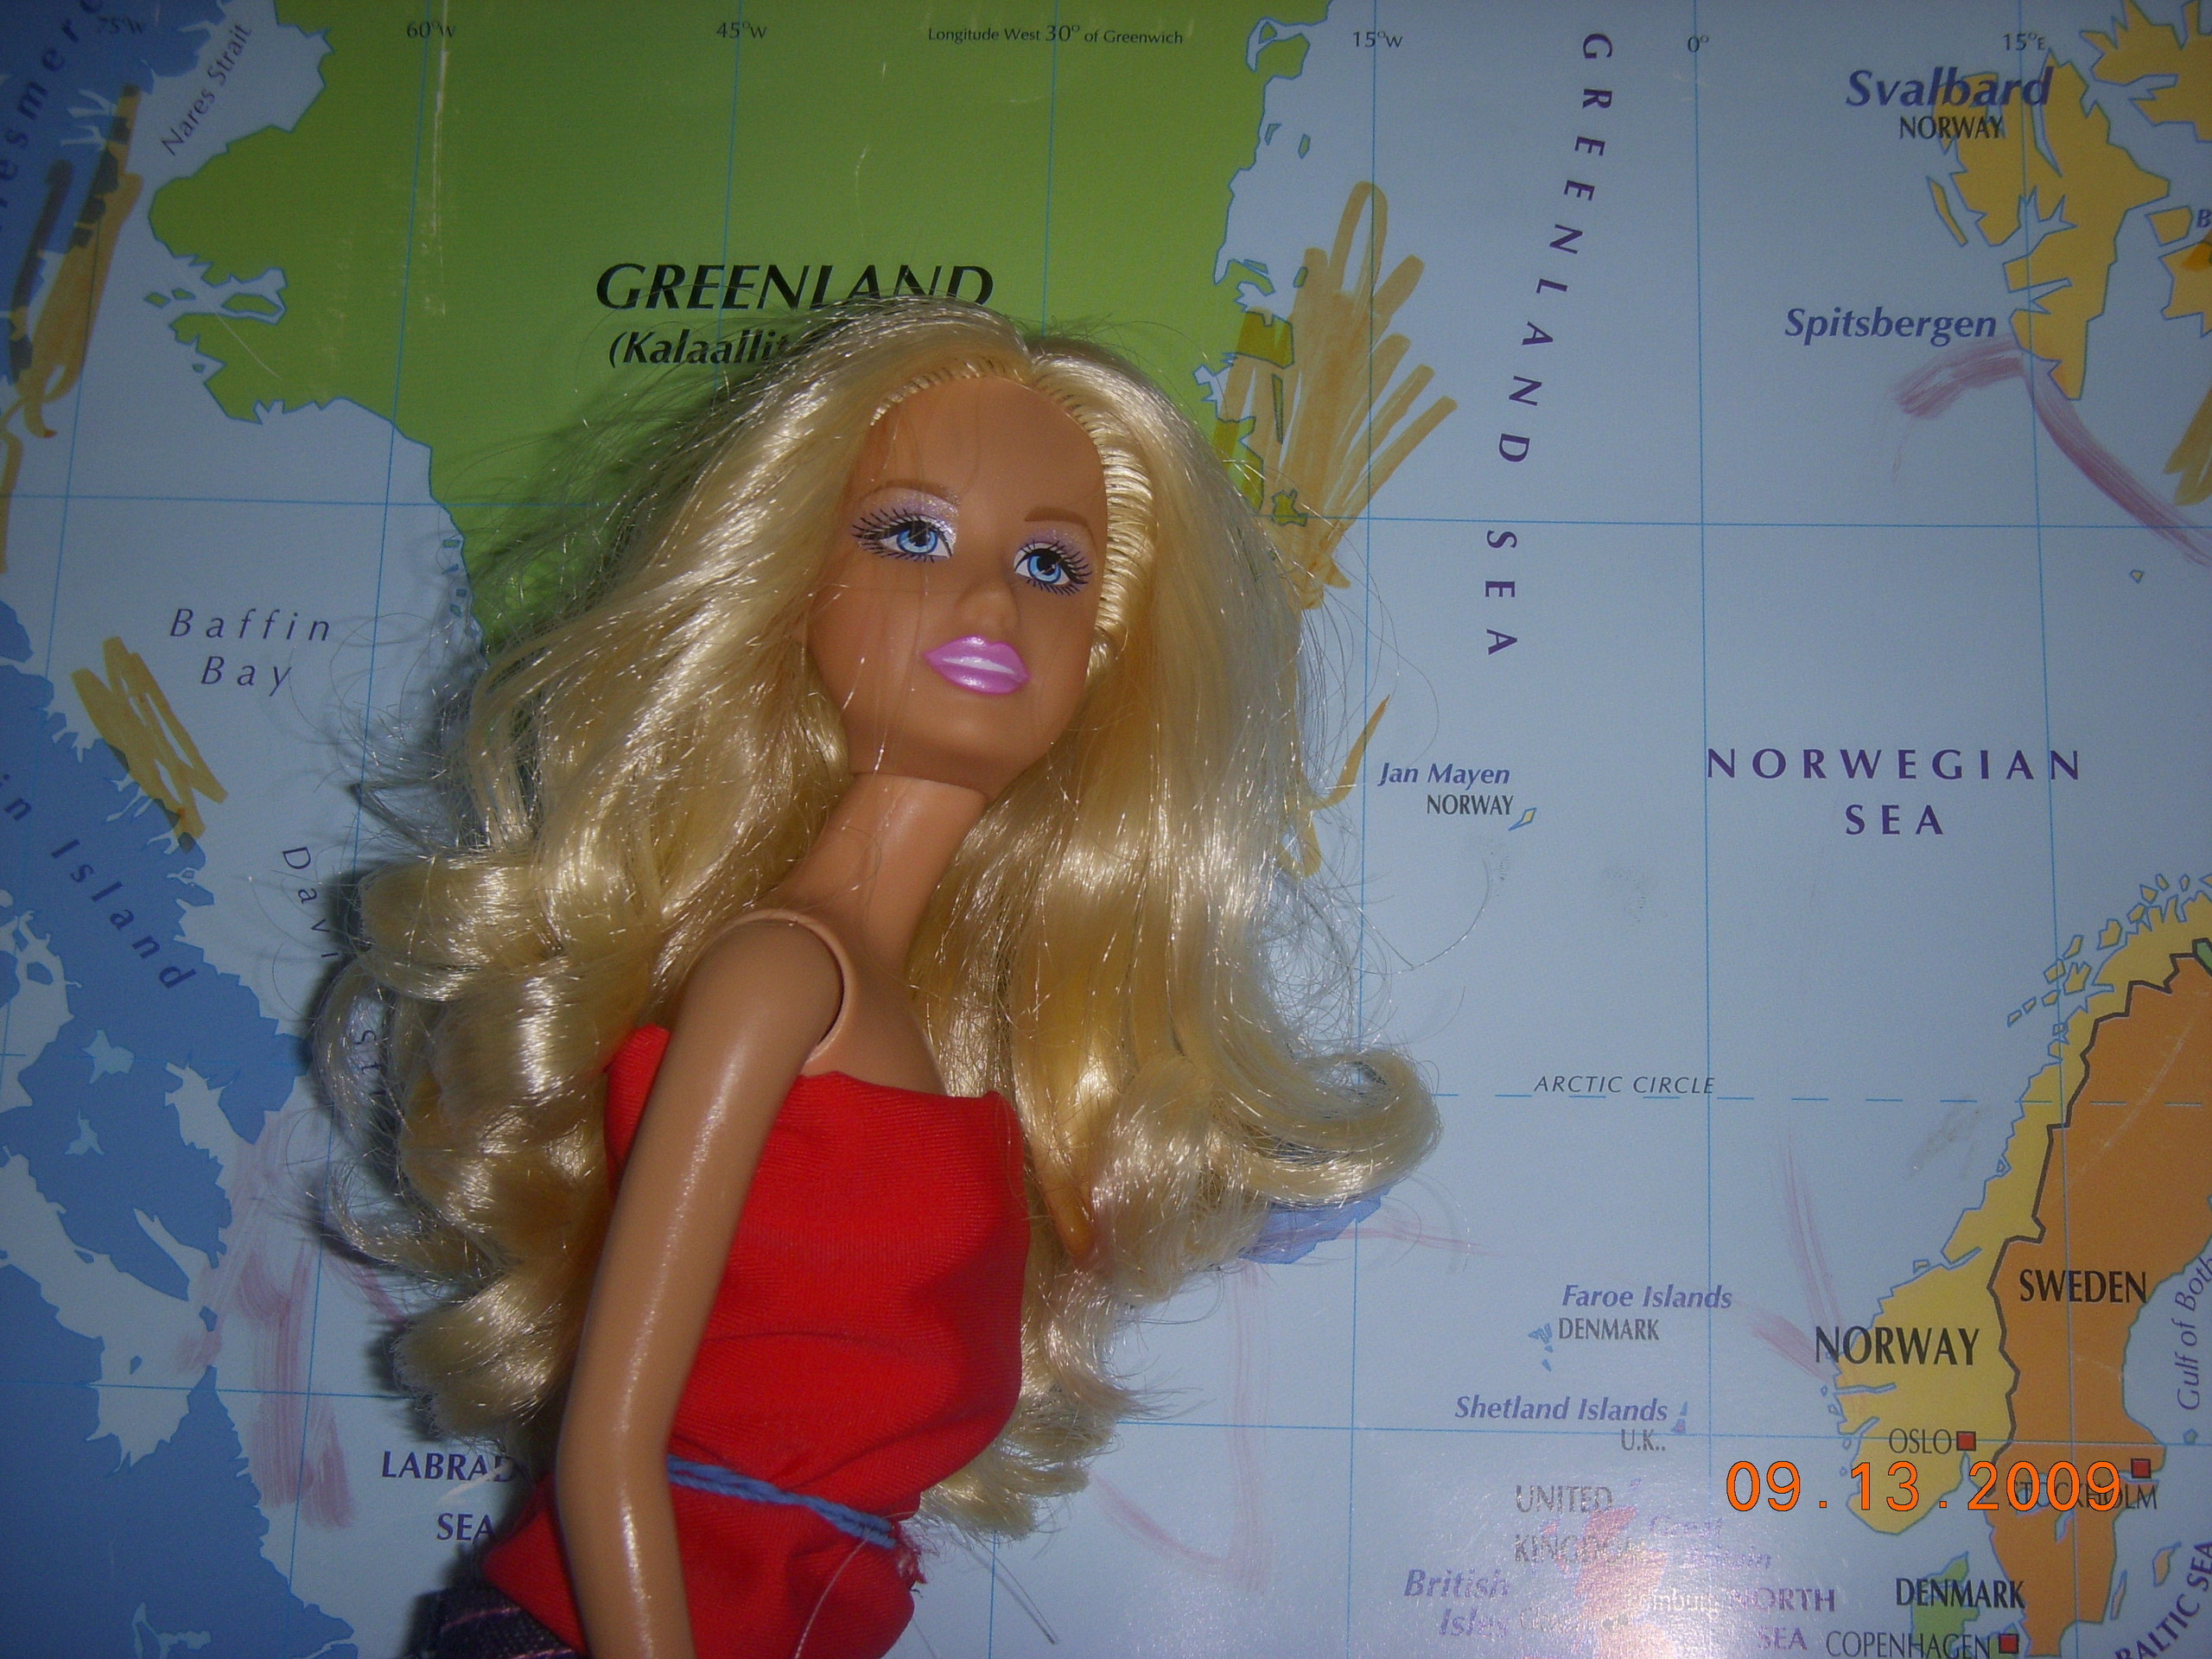 greenland girls